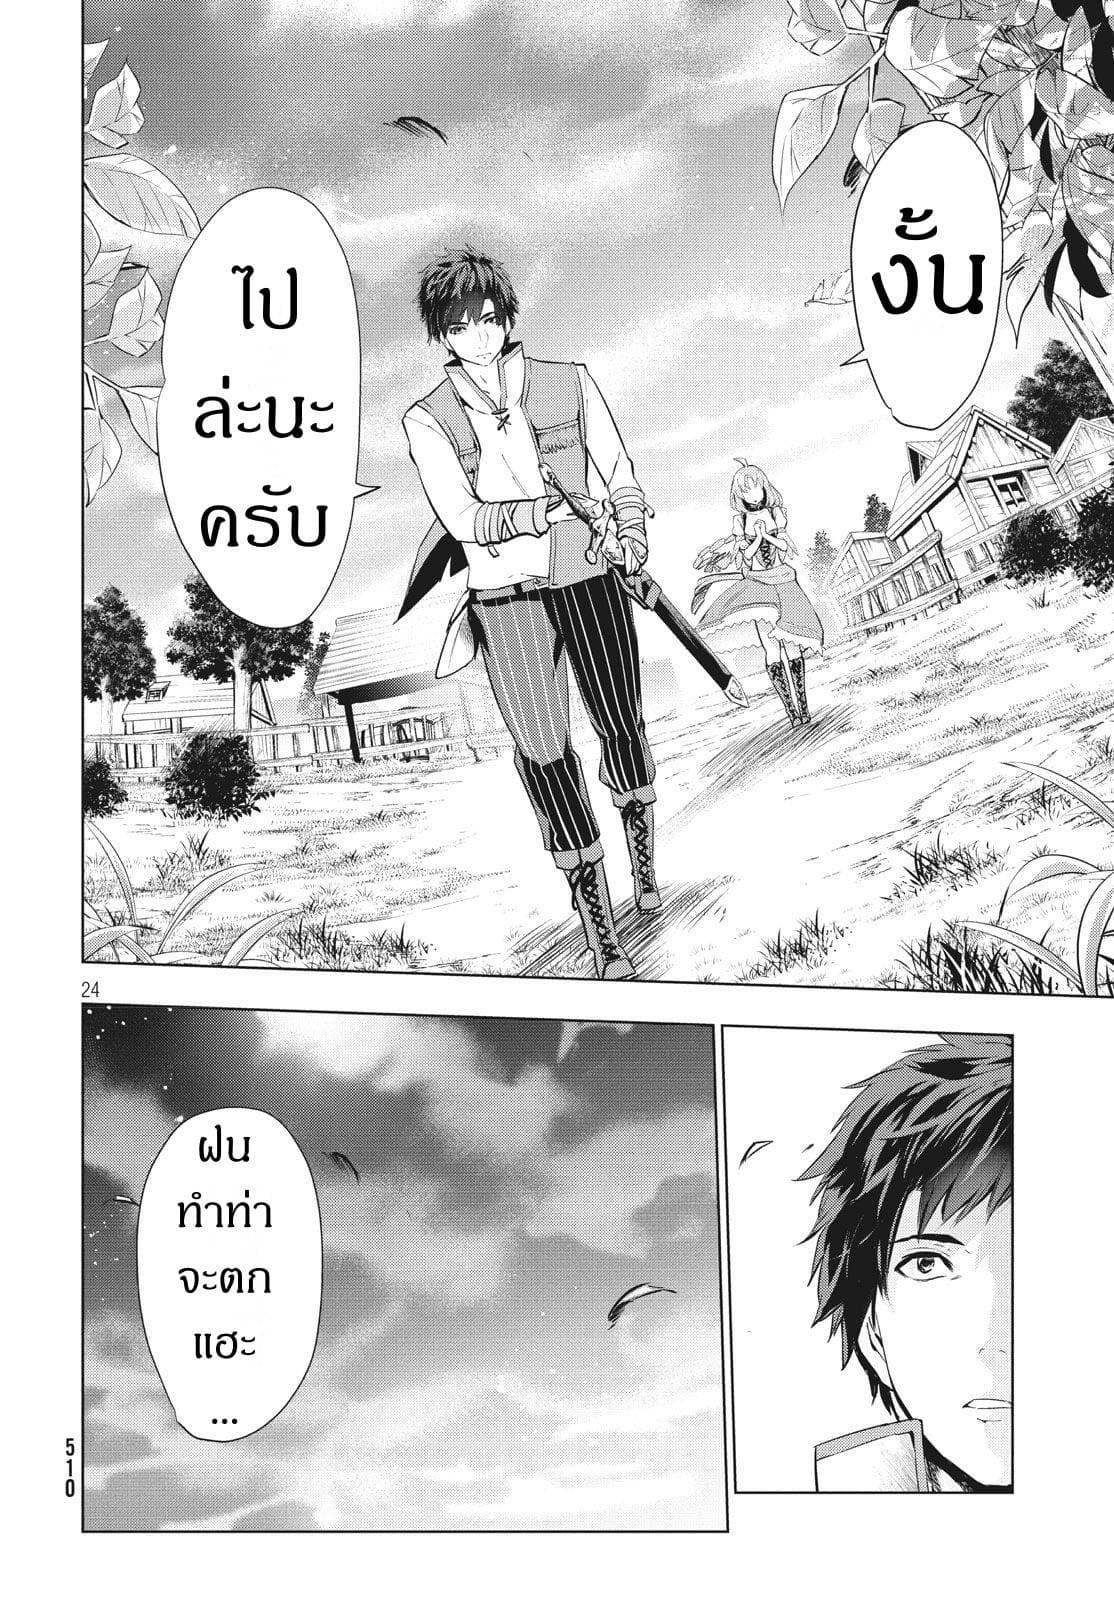 อ่านการ์ตูน Kaiko sareta Ankoku Heishi (30-dai) no Slow na Second ตอนที่ 3.4 หน้าที่ 10